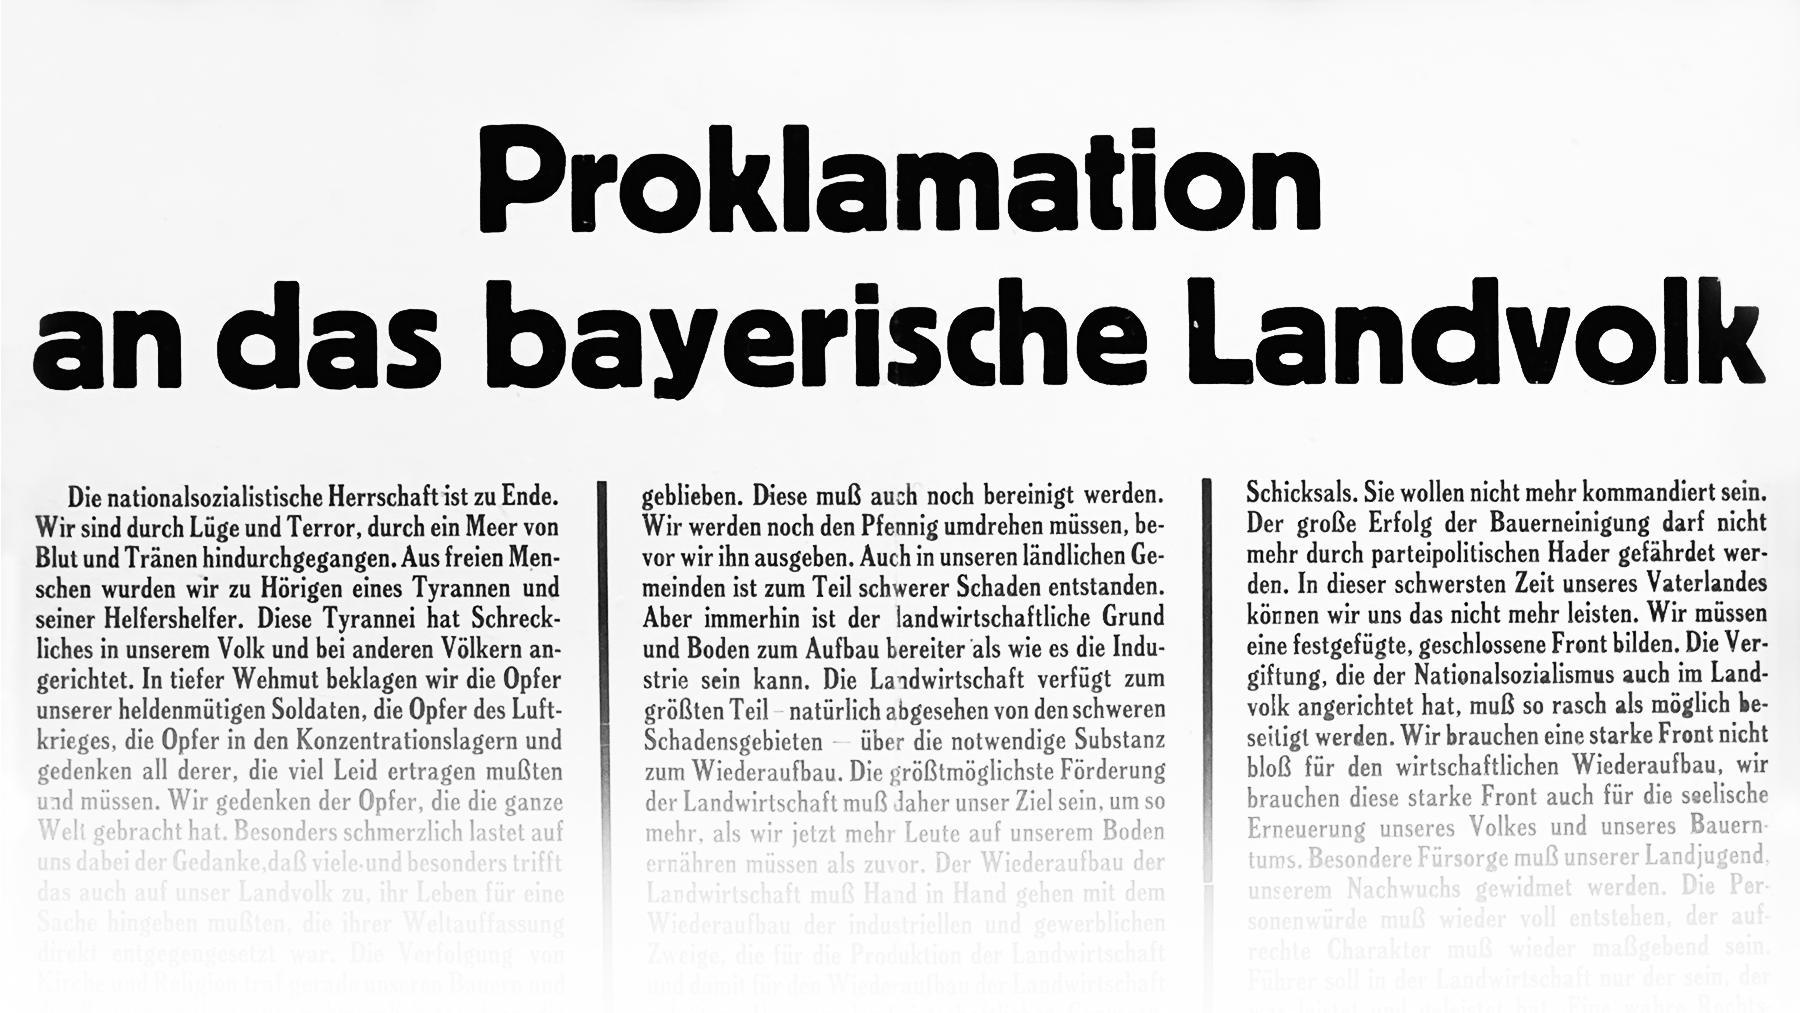 Proklamation des Bayerischen Bauernverbandes 1945